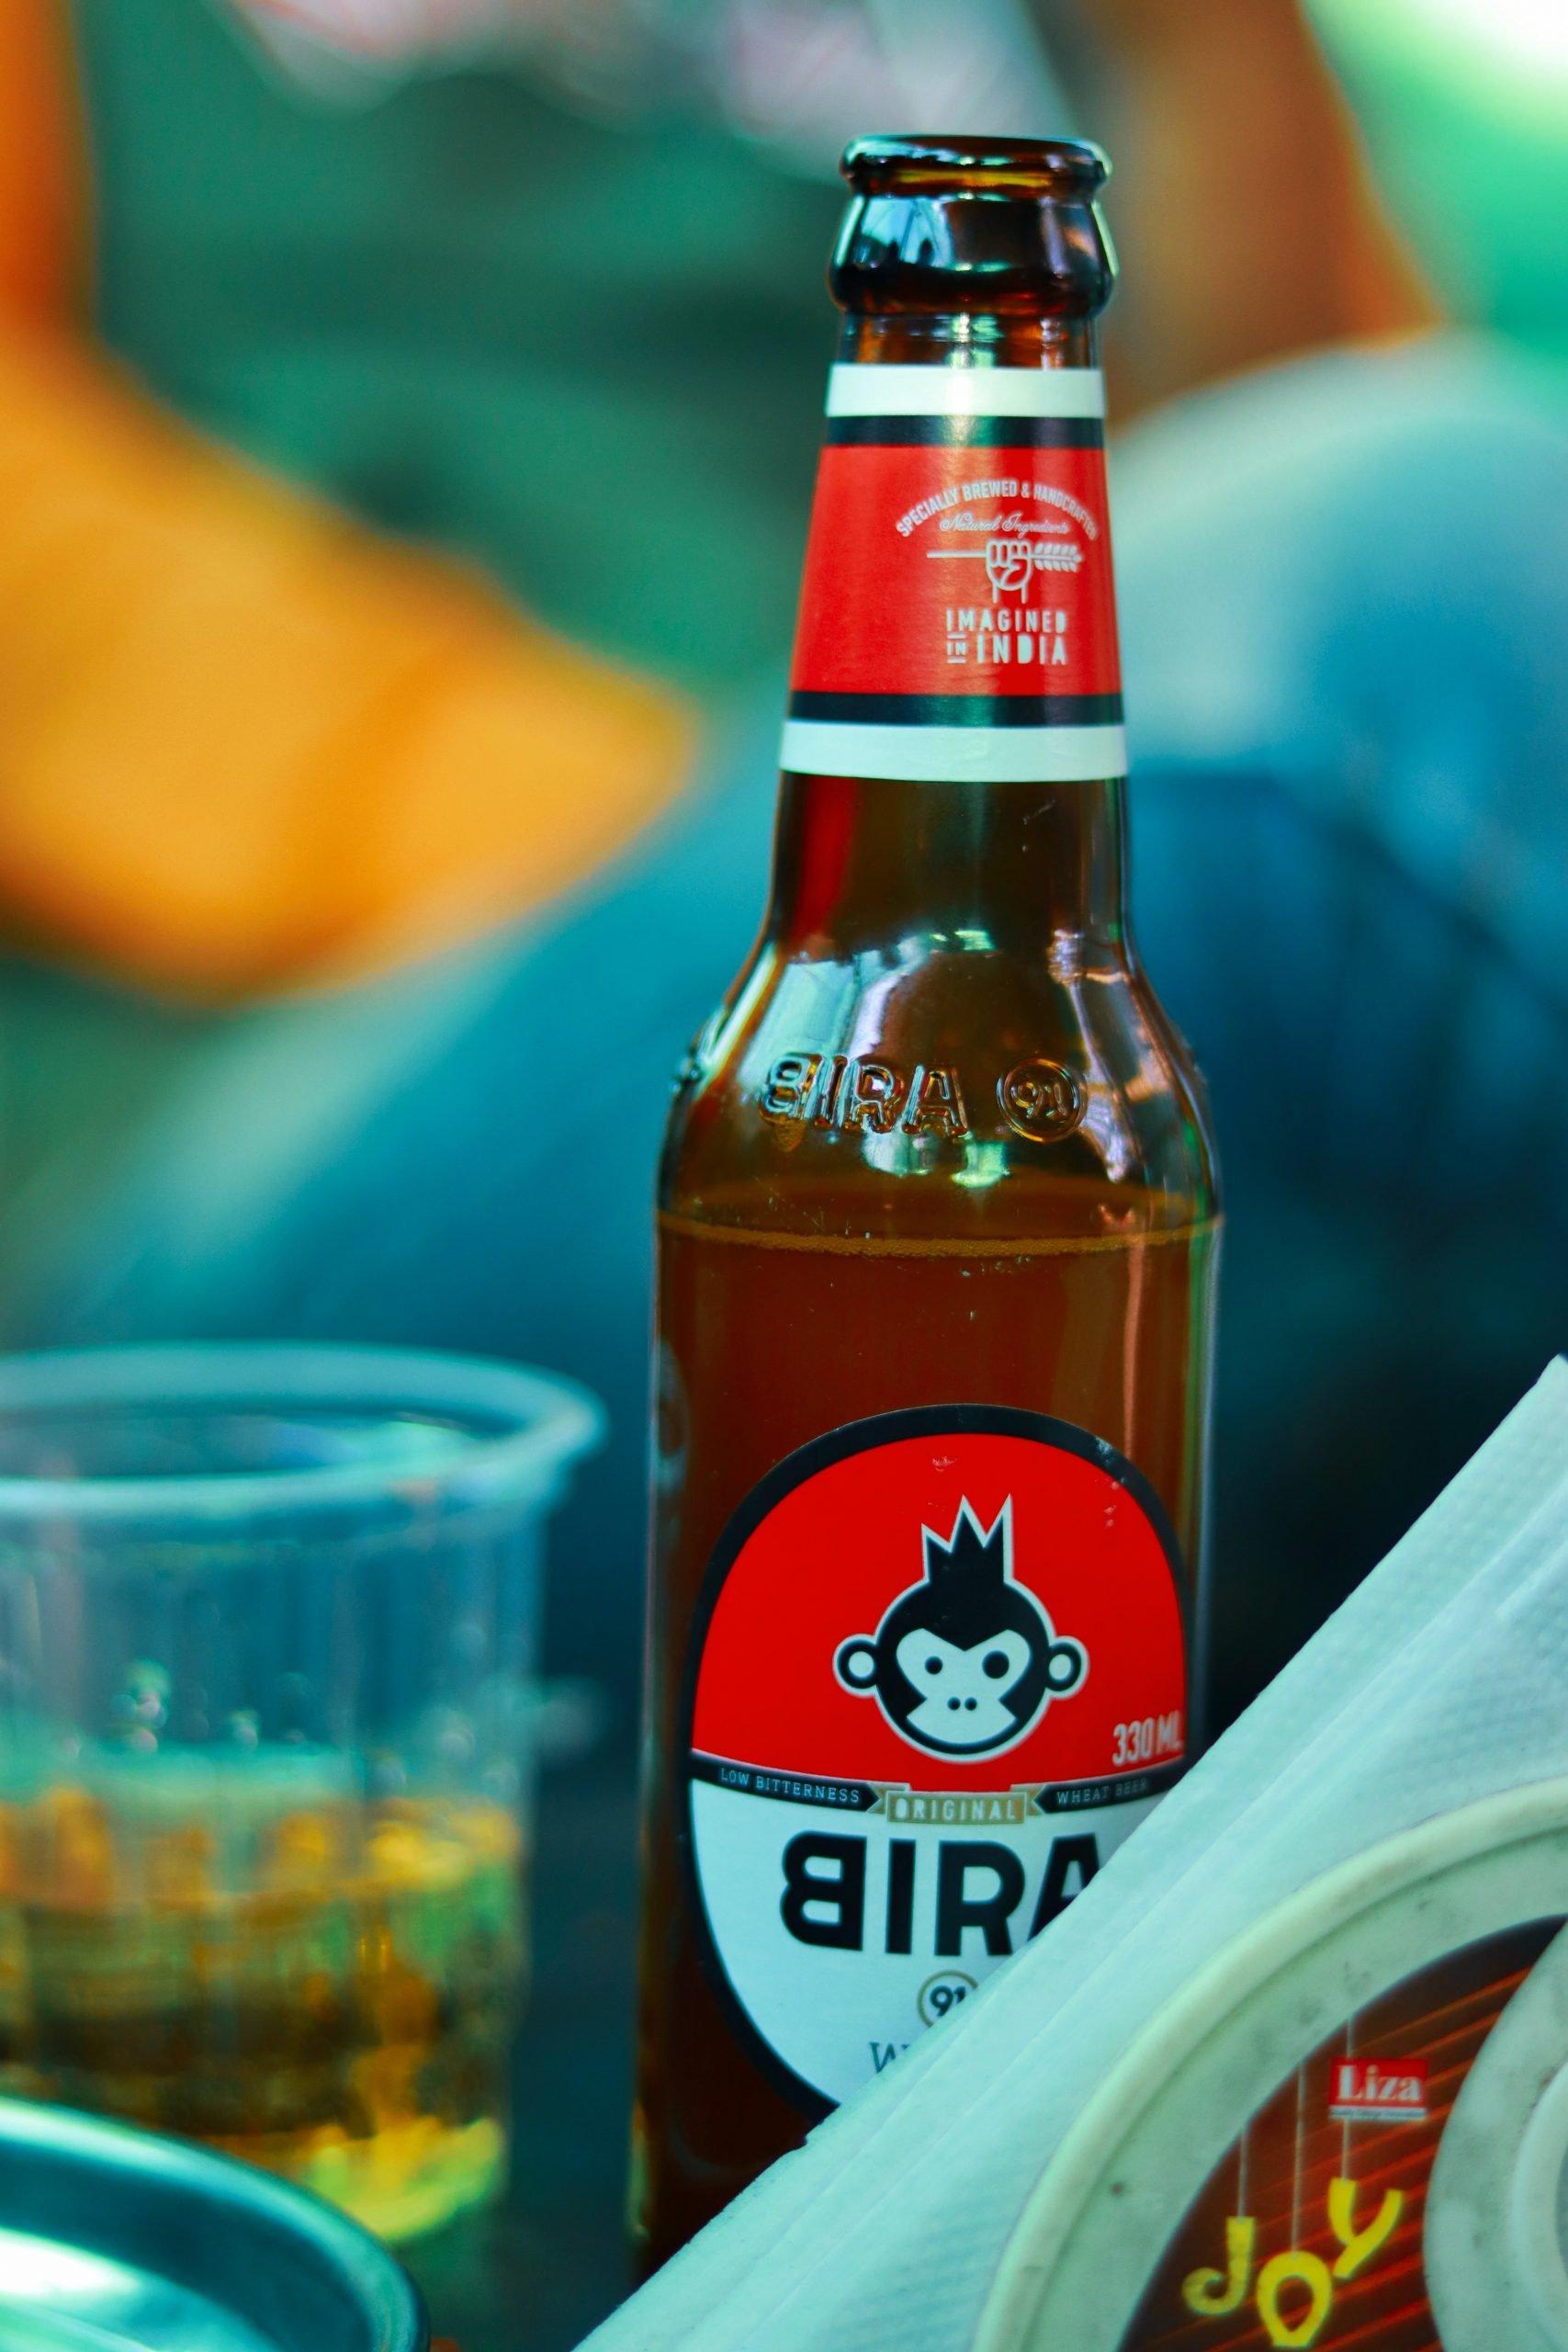 Bira beer bottle